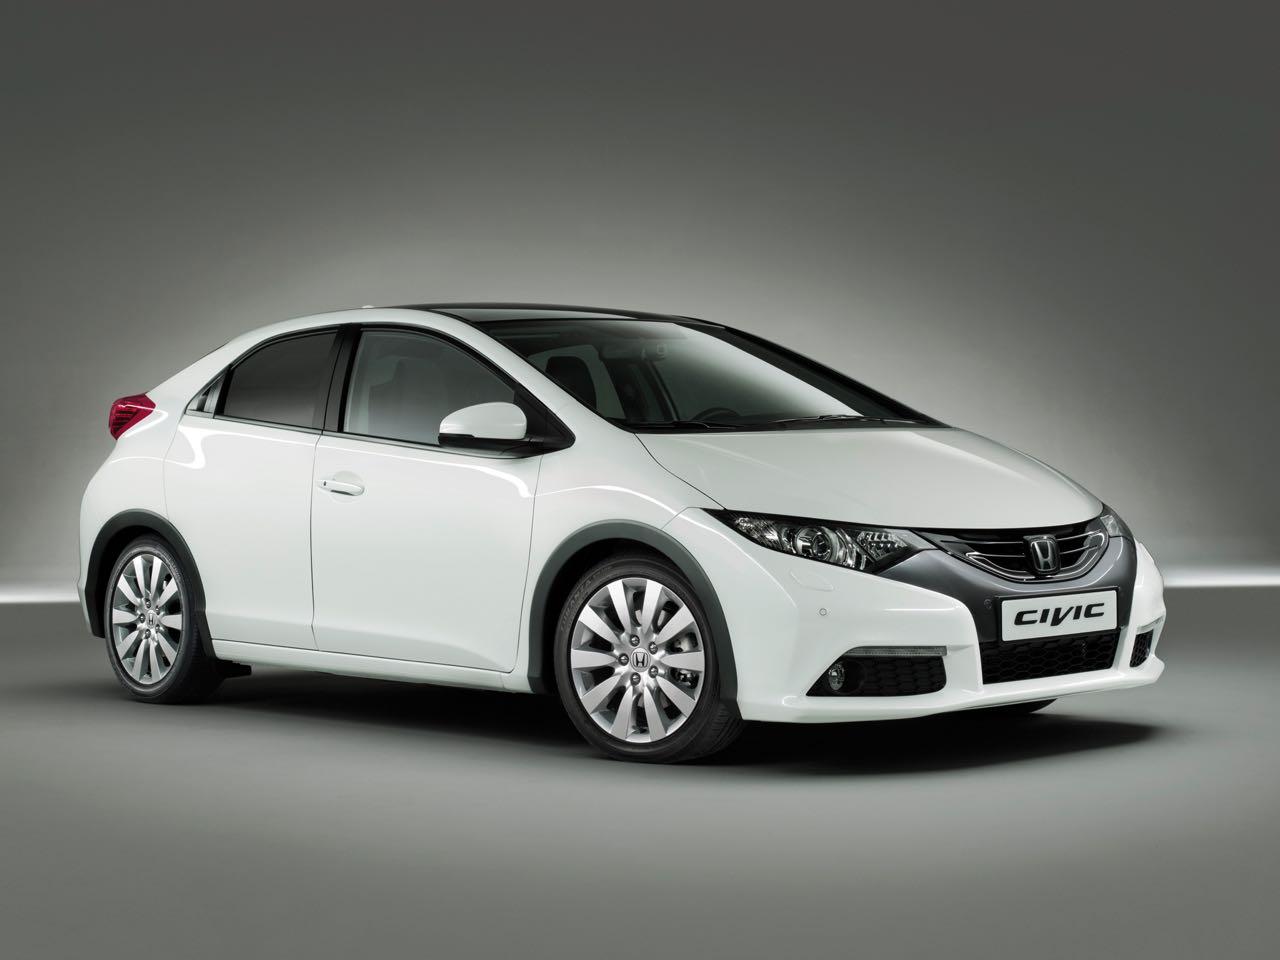 Honda Civic 2012 frontal